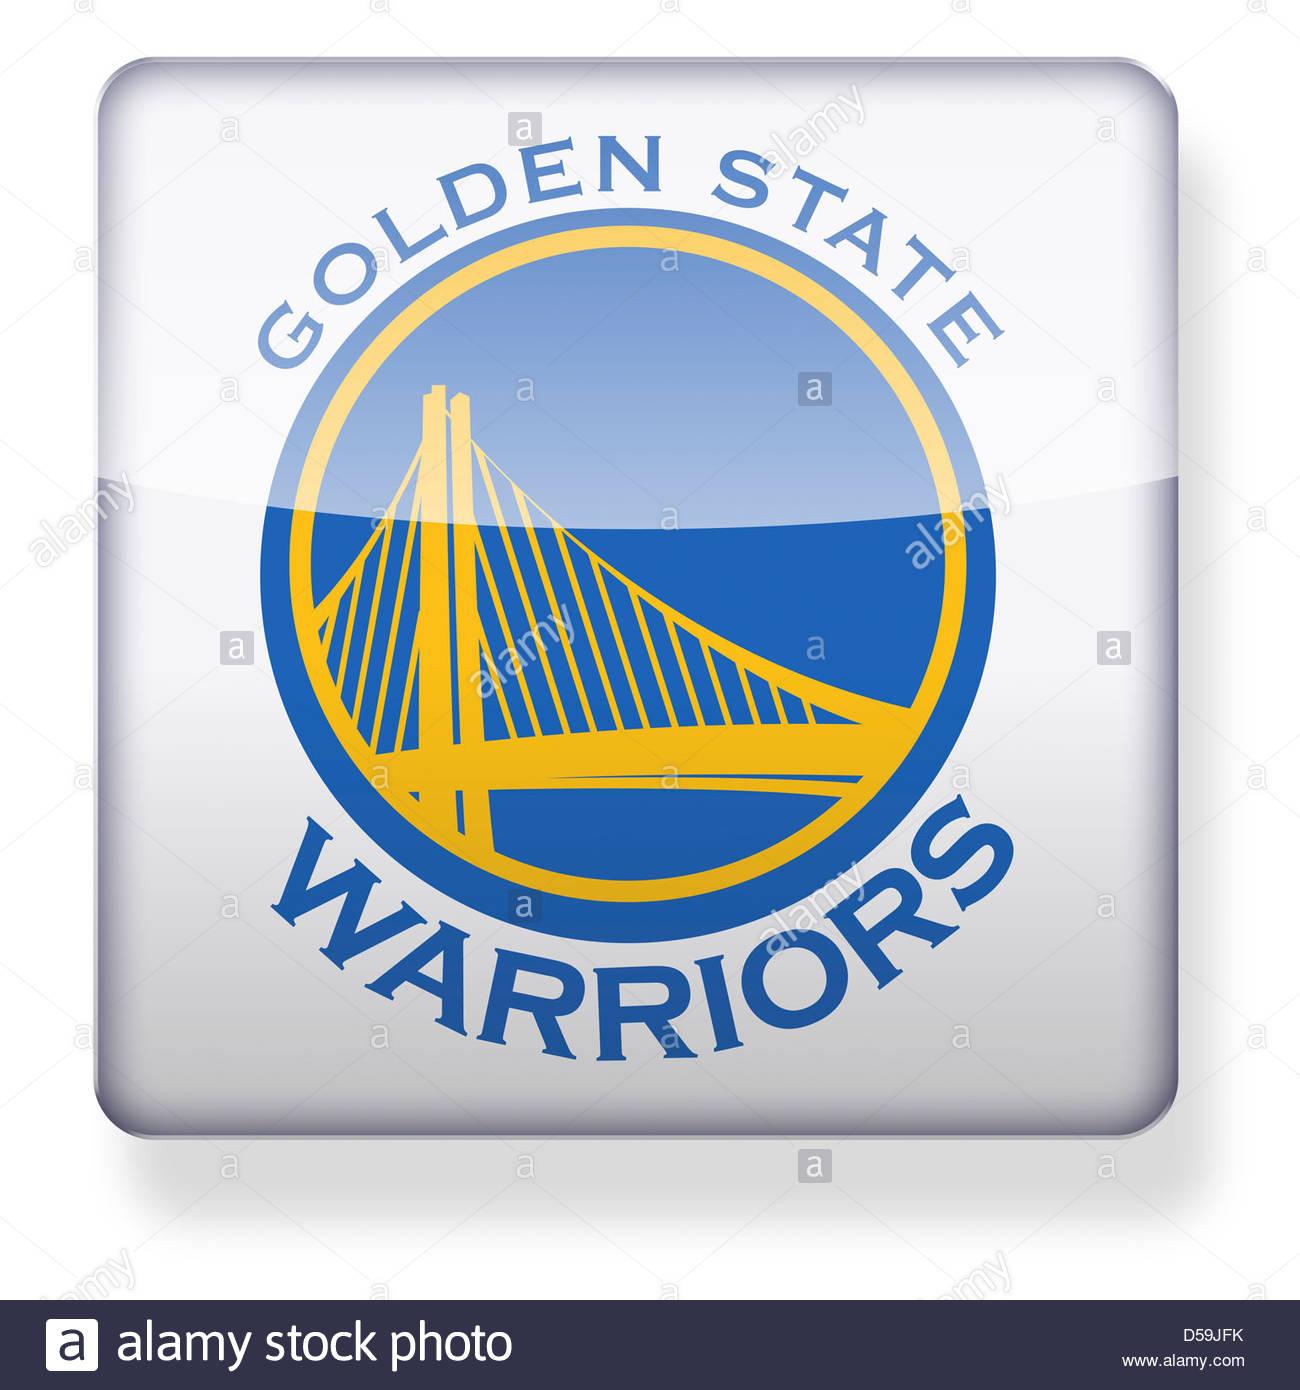 Golden State Warriors logotipo como el icono de una aplicación. Trazado de  recorte incluido. a9ad91d48a8